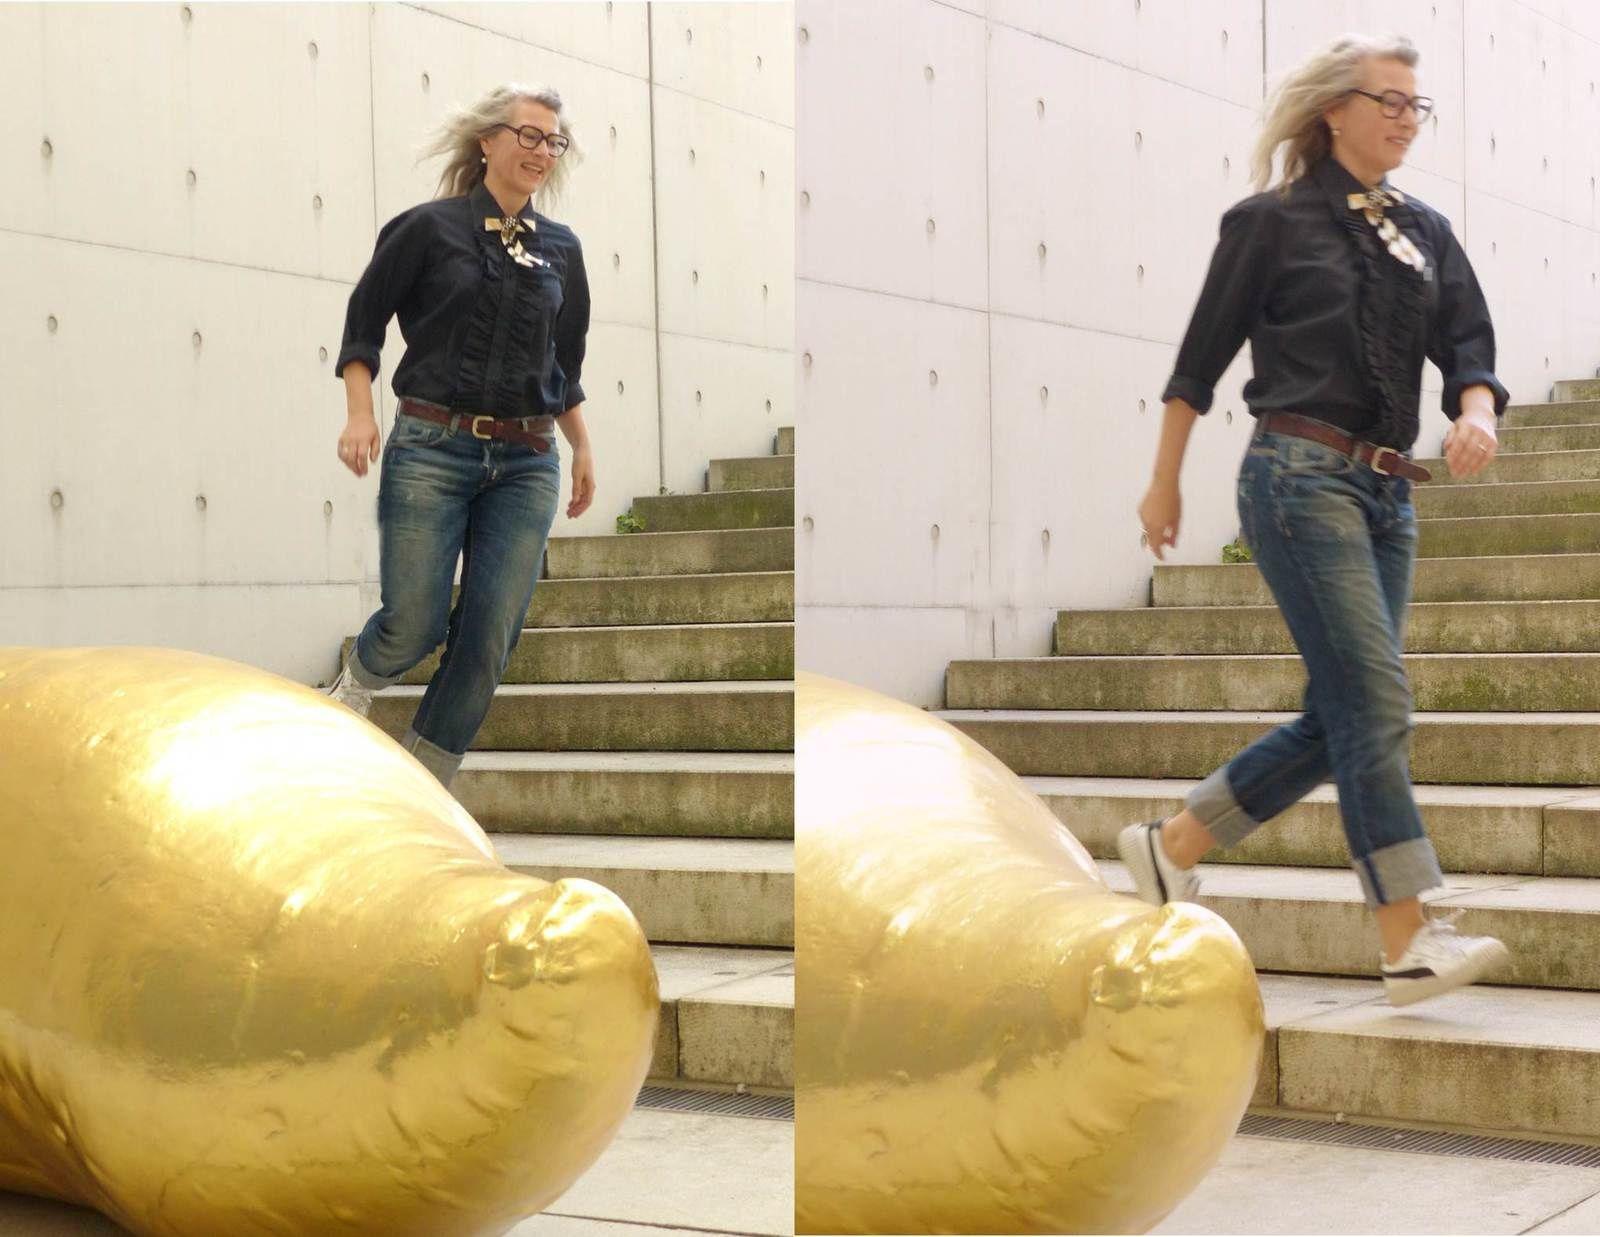 Adventskalendertürchen, how to wear a Schleifenbrosche, Blicke und goldene Ungetüme